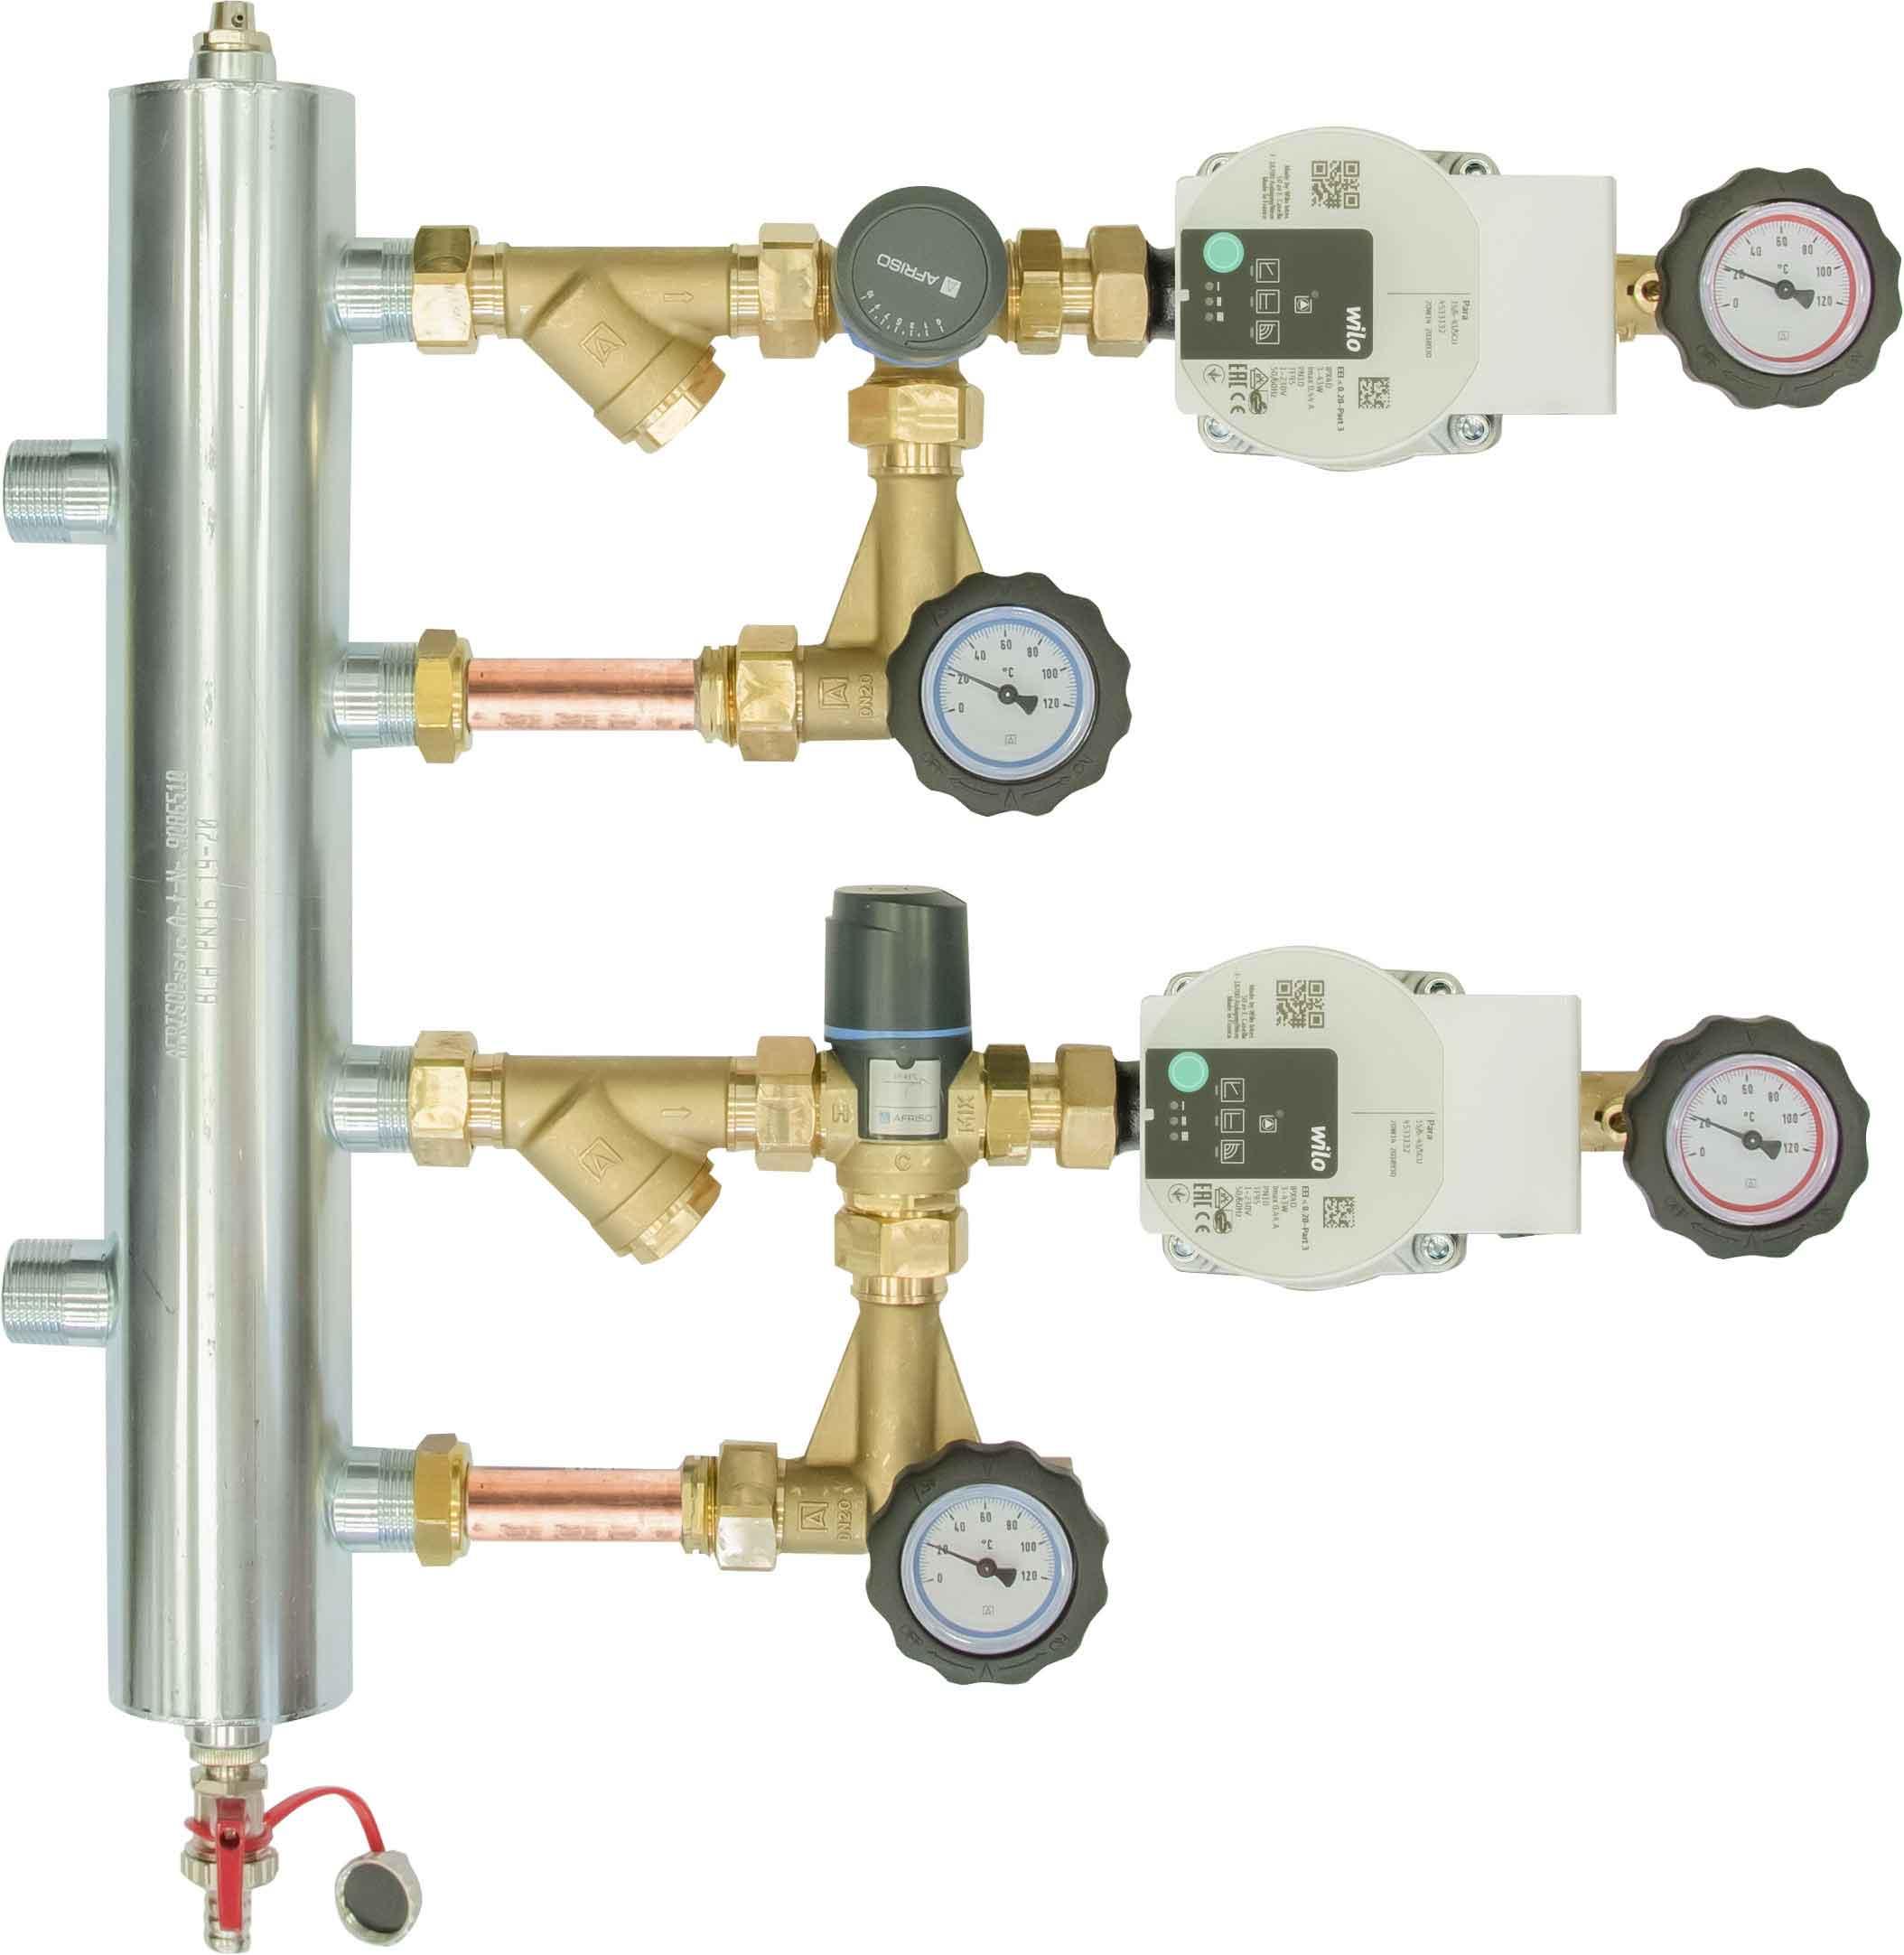 Zestaw mieszający ze sprzęgłem hydraulicznym BPS 972, człon z zaworem obrotowym ARV 362 i termostatycznym ATM 561, pompy Wilo Para SC